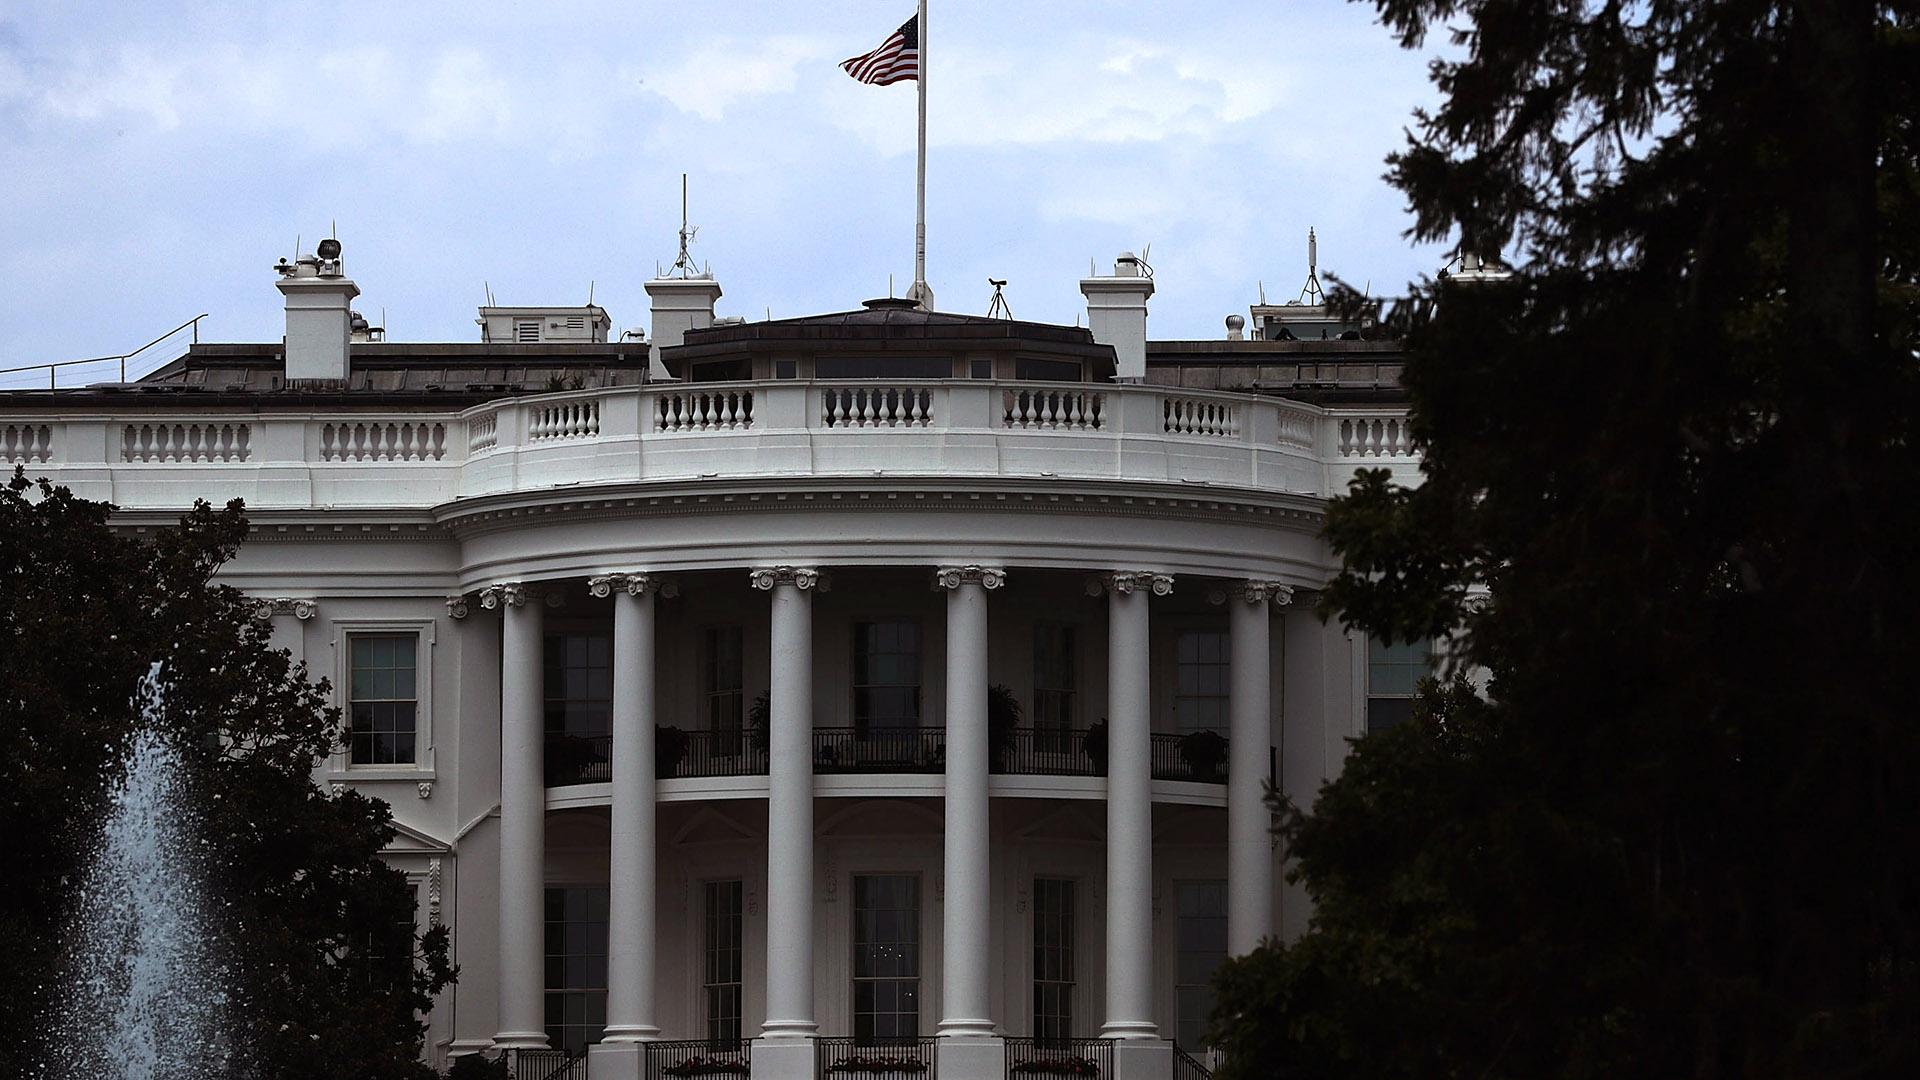 """Expertos advierten que los """"premios"""" podría romper normas federales de ética gubernamental, lo que pondría en apuros a funcionarios de la Casa Blanca que colaboren con Trump en la preparación de la """"ceremonia"""", aunque no al propio presidente (Getty Images)"""